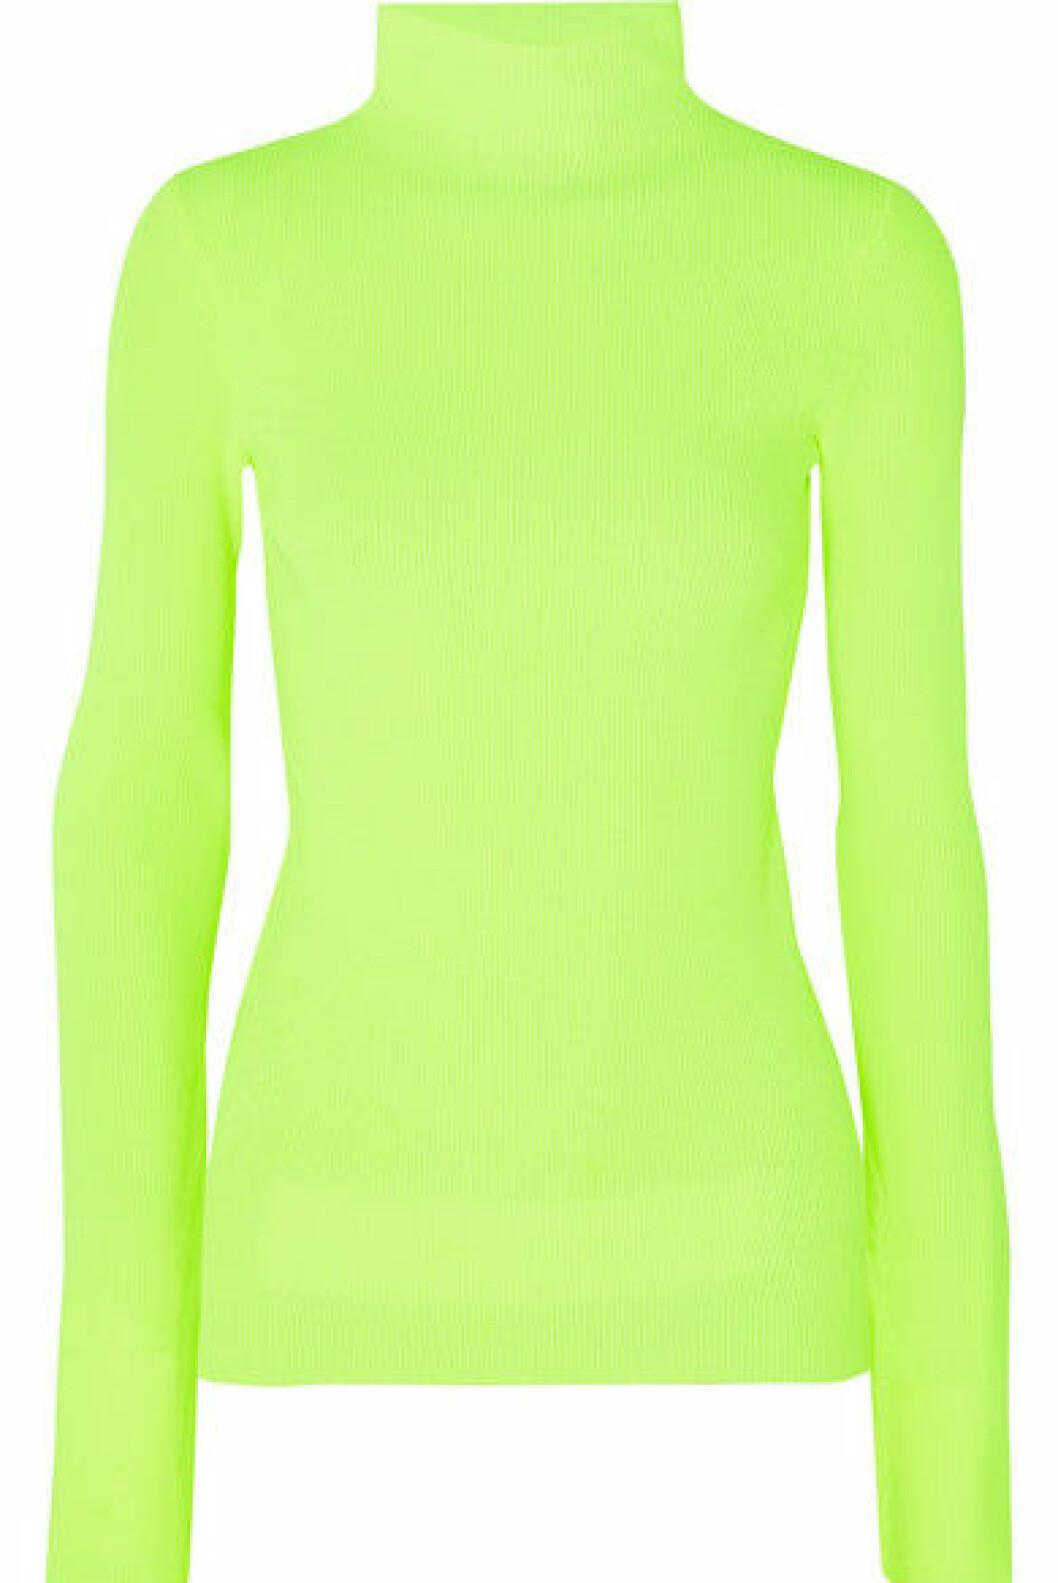 Genser fra Helmut Lang |3398,-| https://www.net-a-porter.com/no/en/product/1102413/Helmut_Lang/neon-ribbed-cotton-turtleneck-sweater